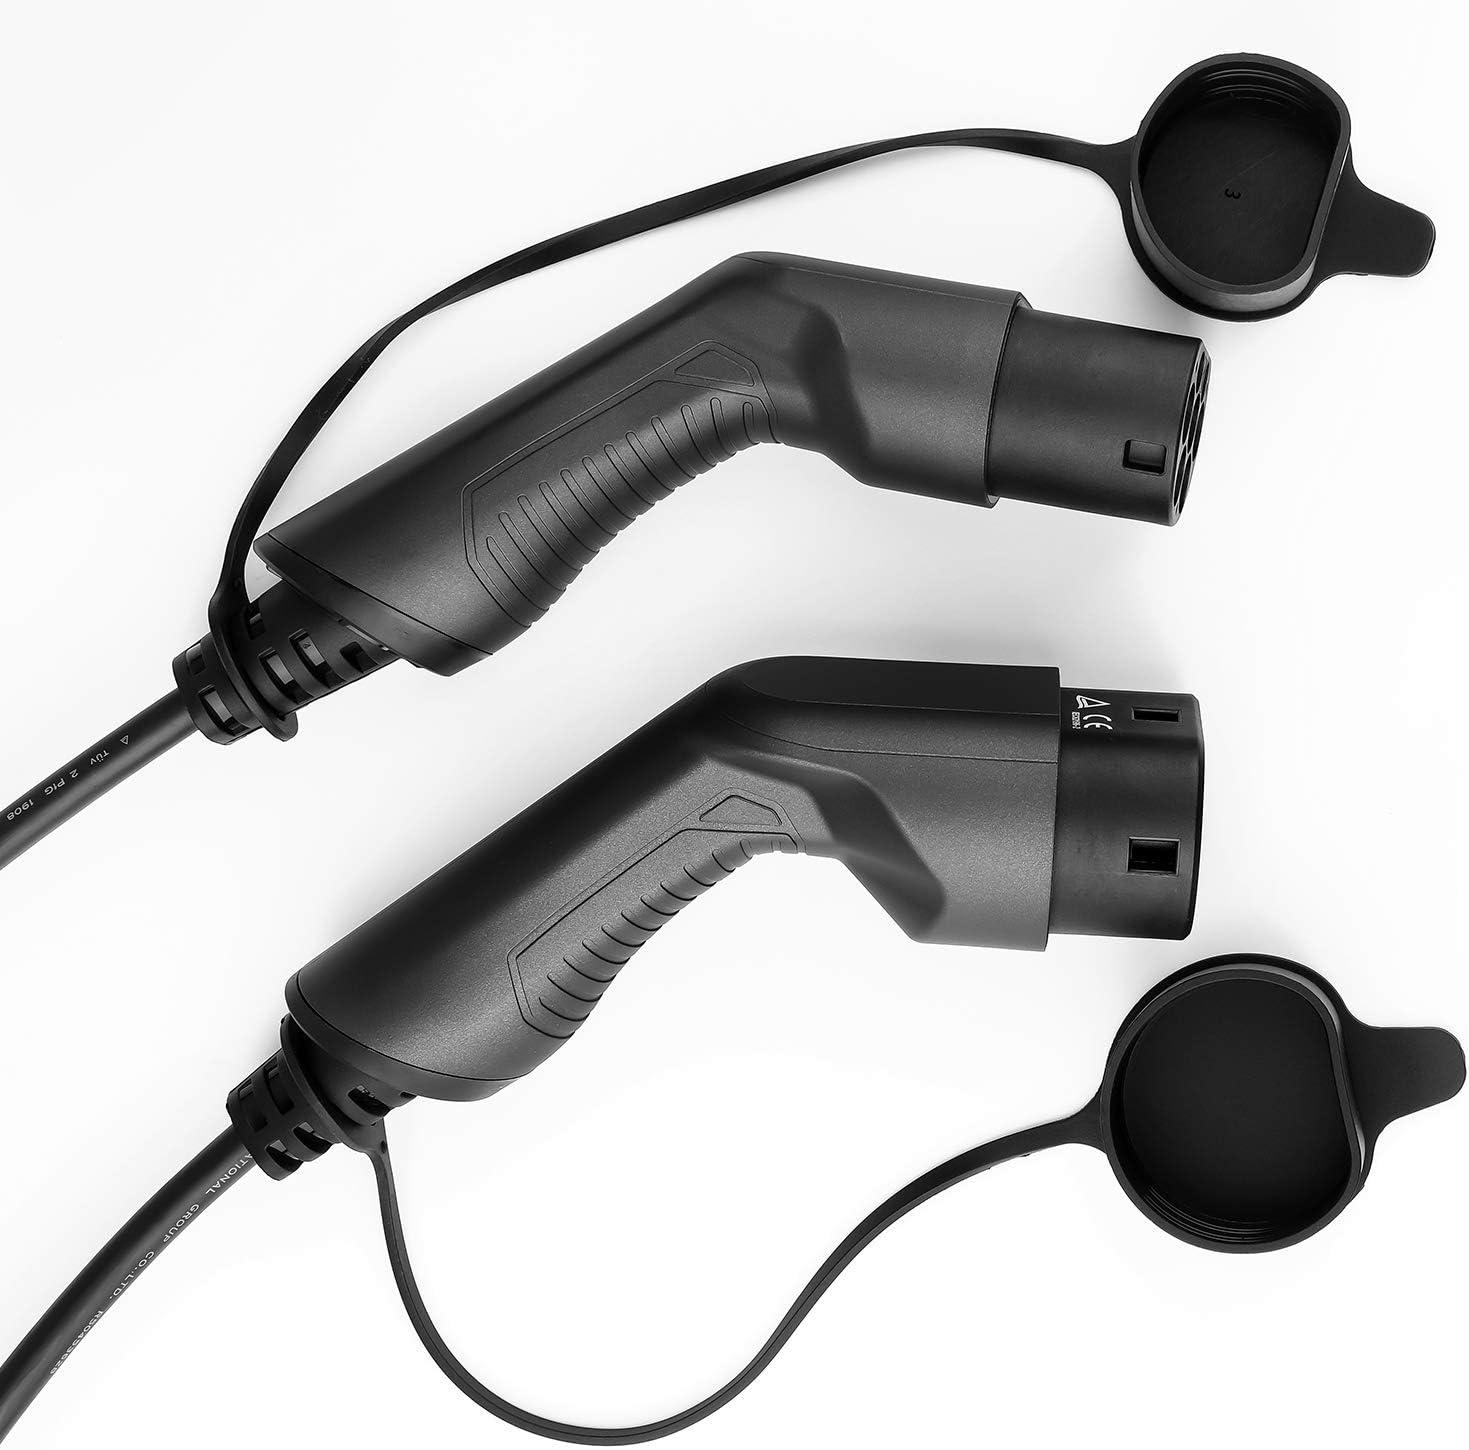 LEFANEV Elektrisches Auto Kabel f/ür EV Charger Ladestation Typ 2 zu Typ 2 IEC 62196-2 EV Ladekabel Typ 2 zu Typ 2, 16A//Einphasig IEC 62196-2